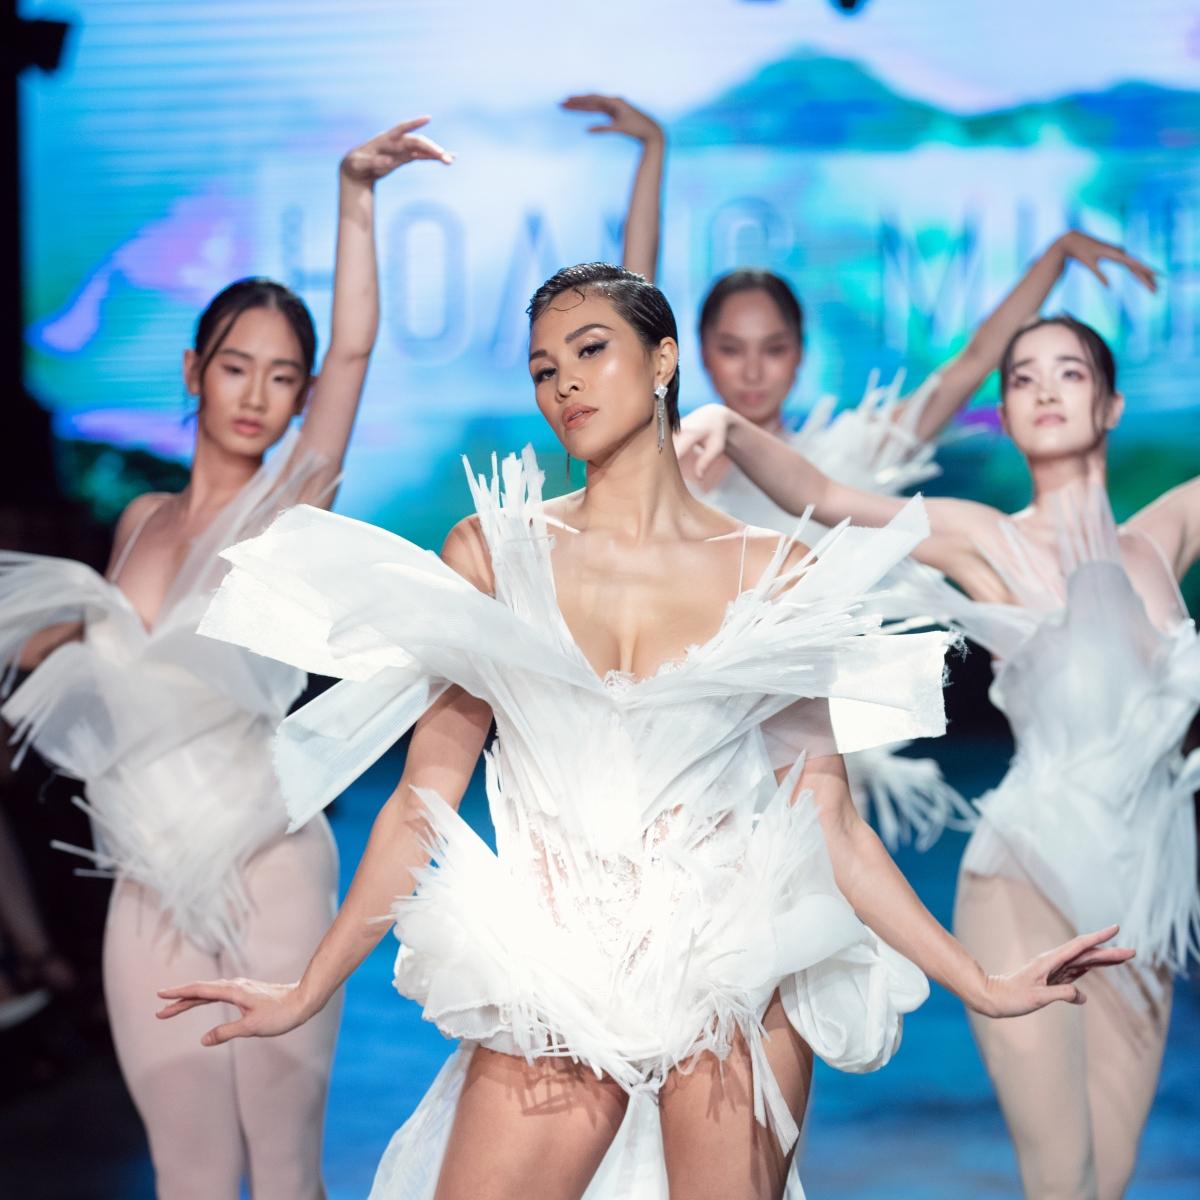 Khi được NTK Hoàng Minh Hà ngỏ lời mời diễn first face, cô đã đưa ra gợi ý sử dụng pole dance để giúp cho show diễn tạo điểm nhấn khác lạ và độc đáo.